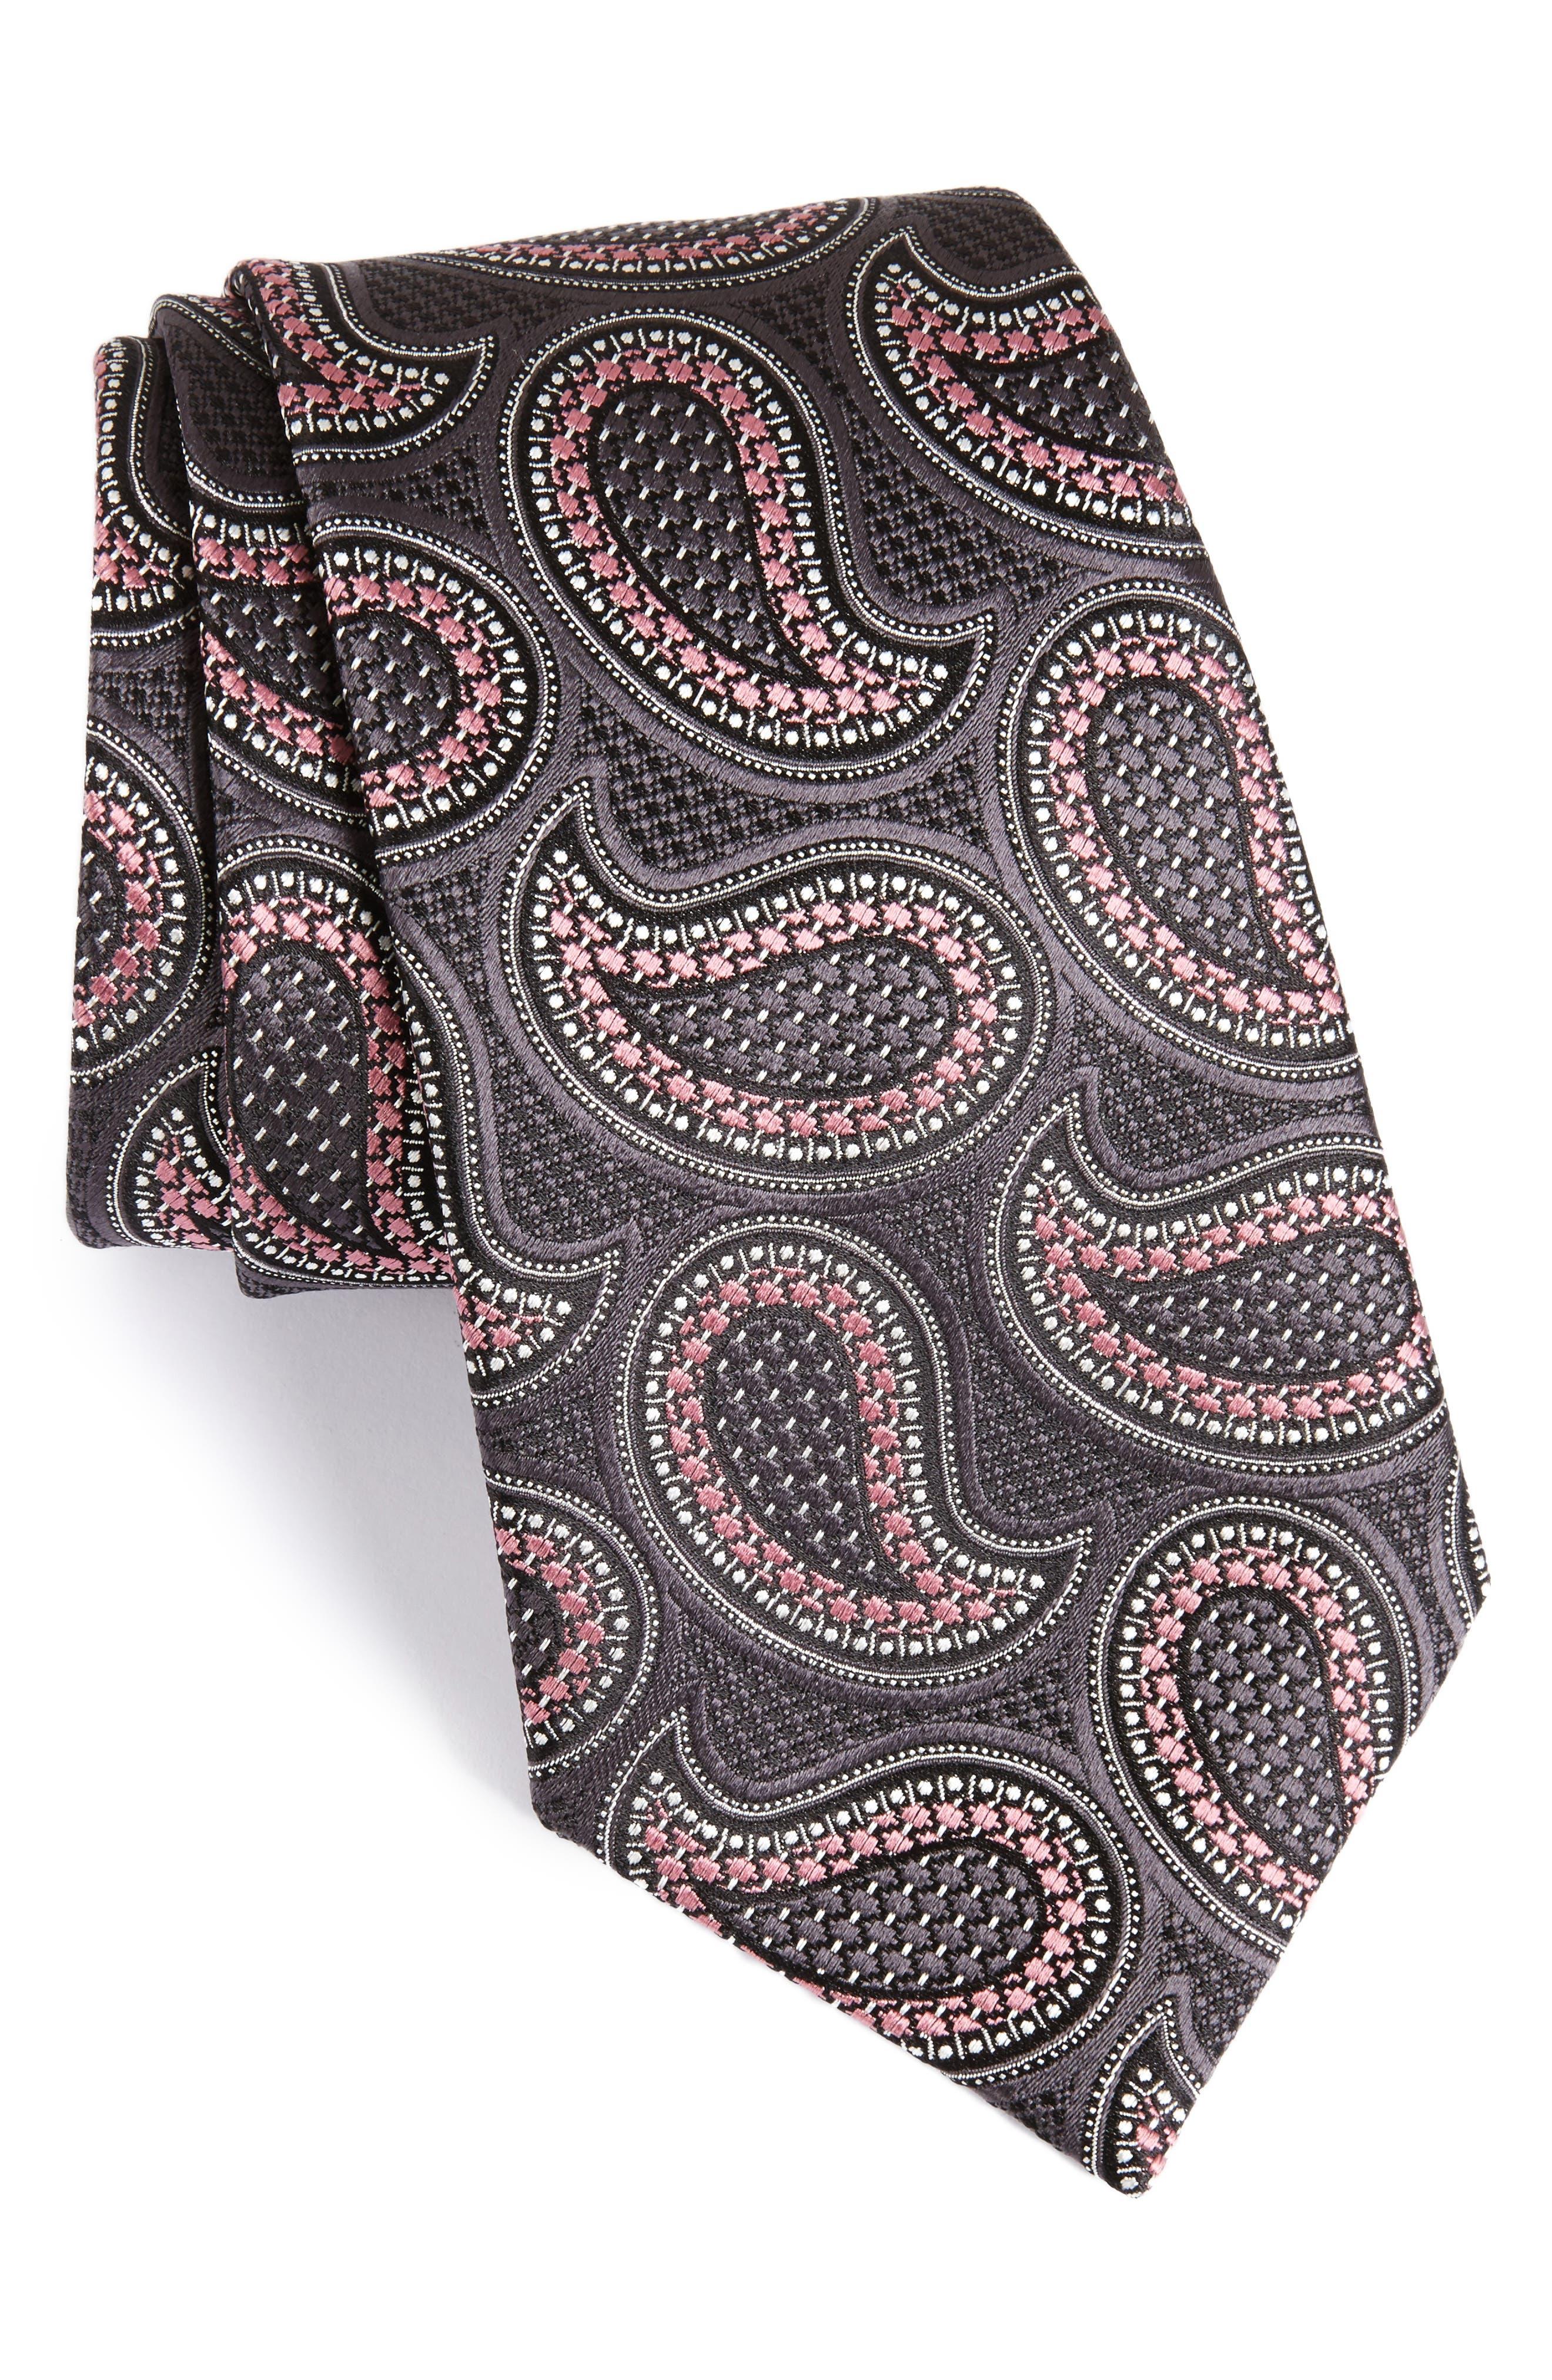 Ermenegilda Zegna Paisley Silk Tie